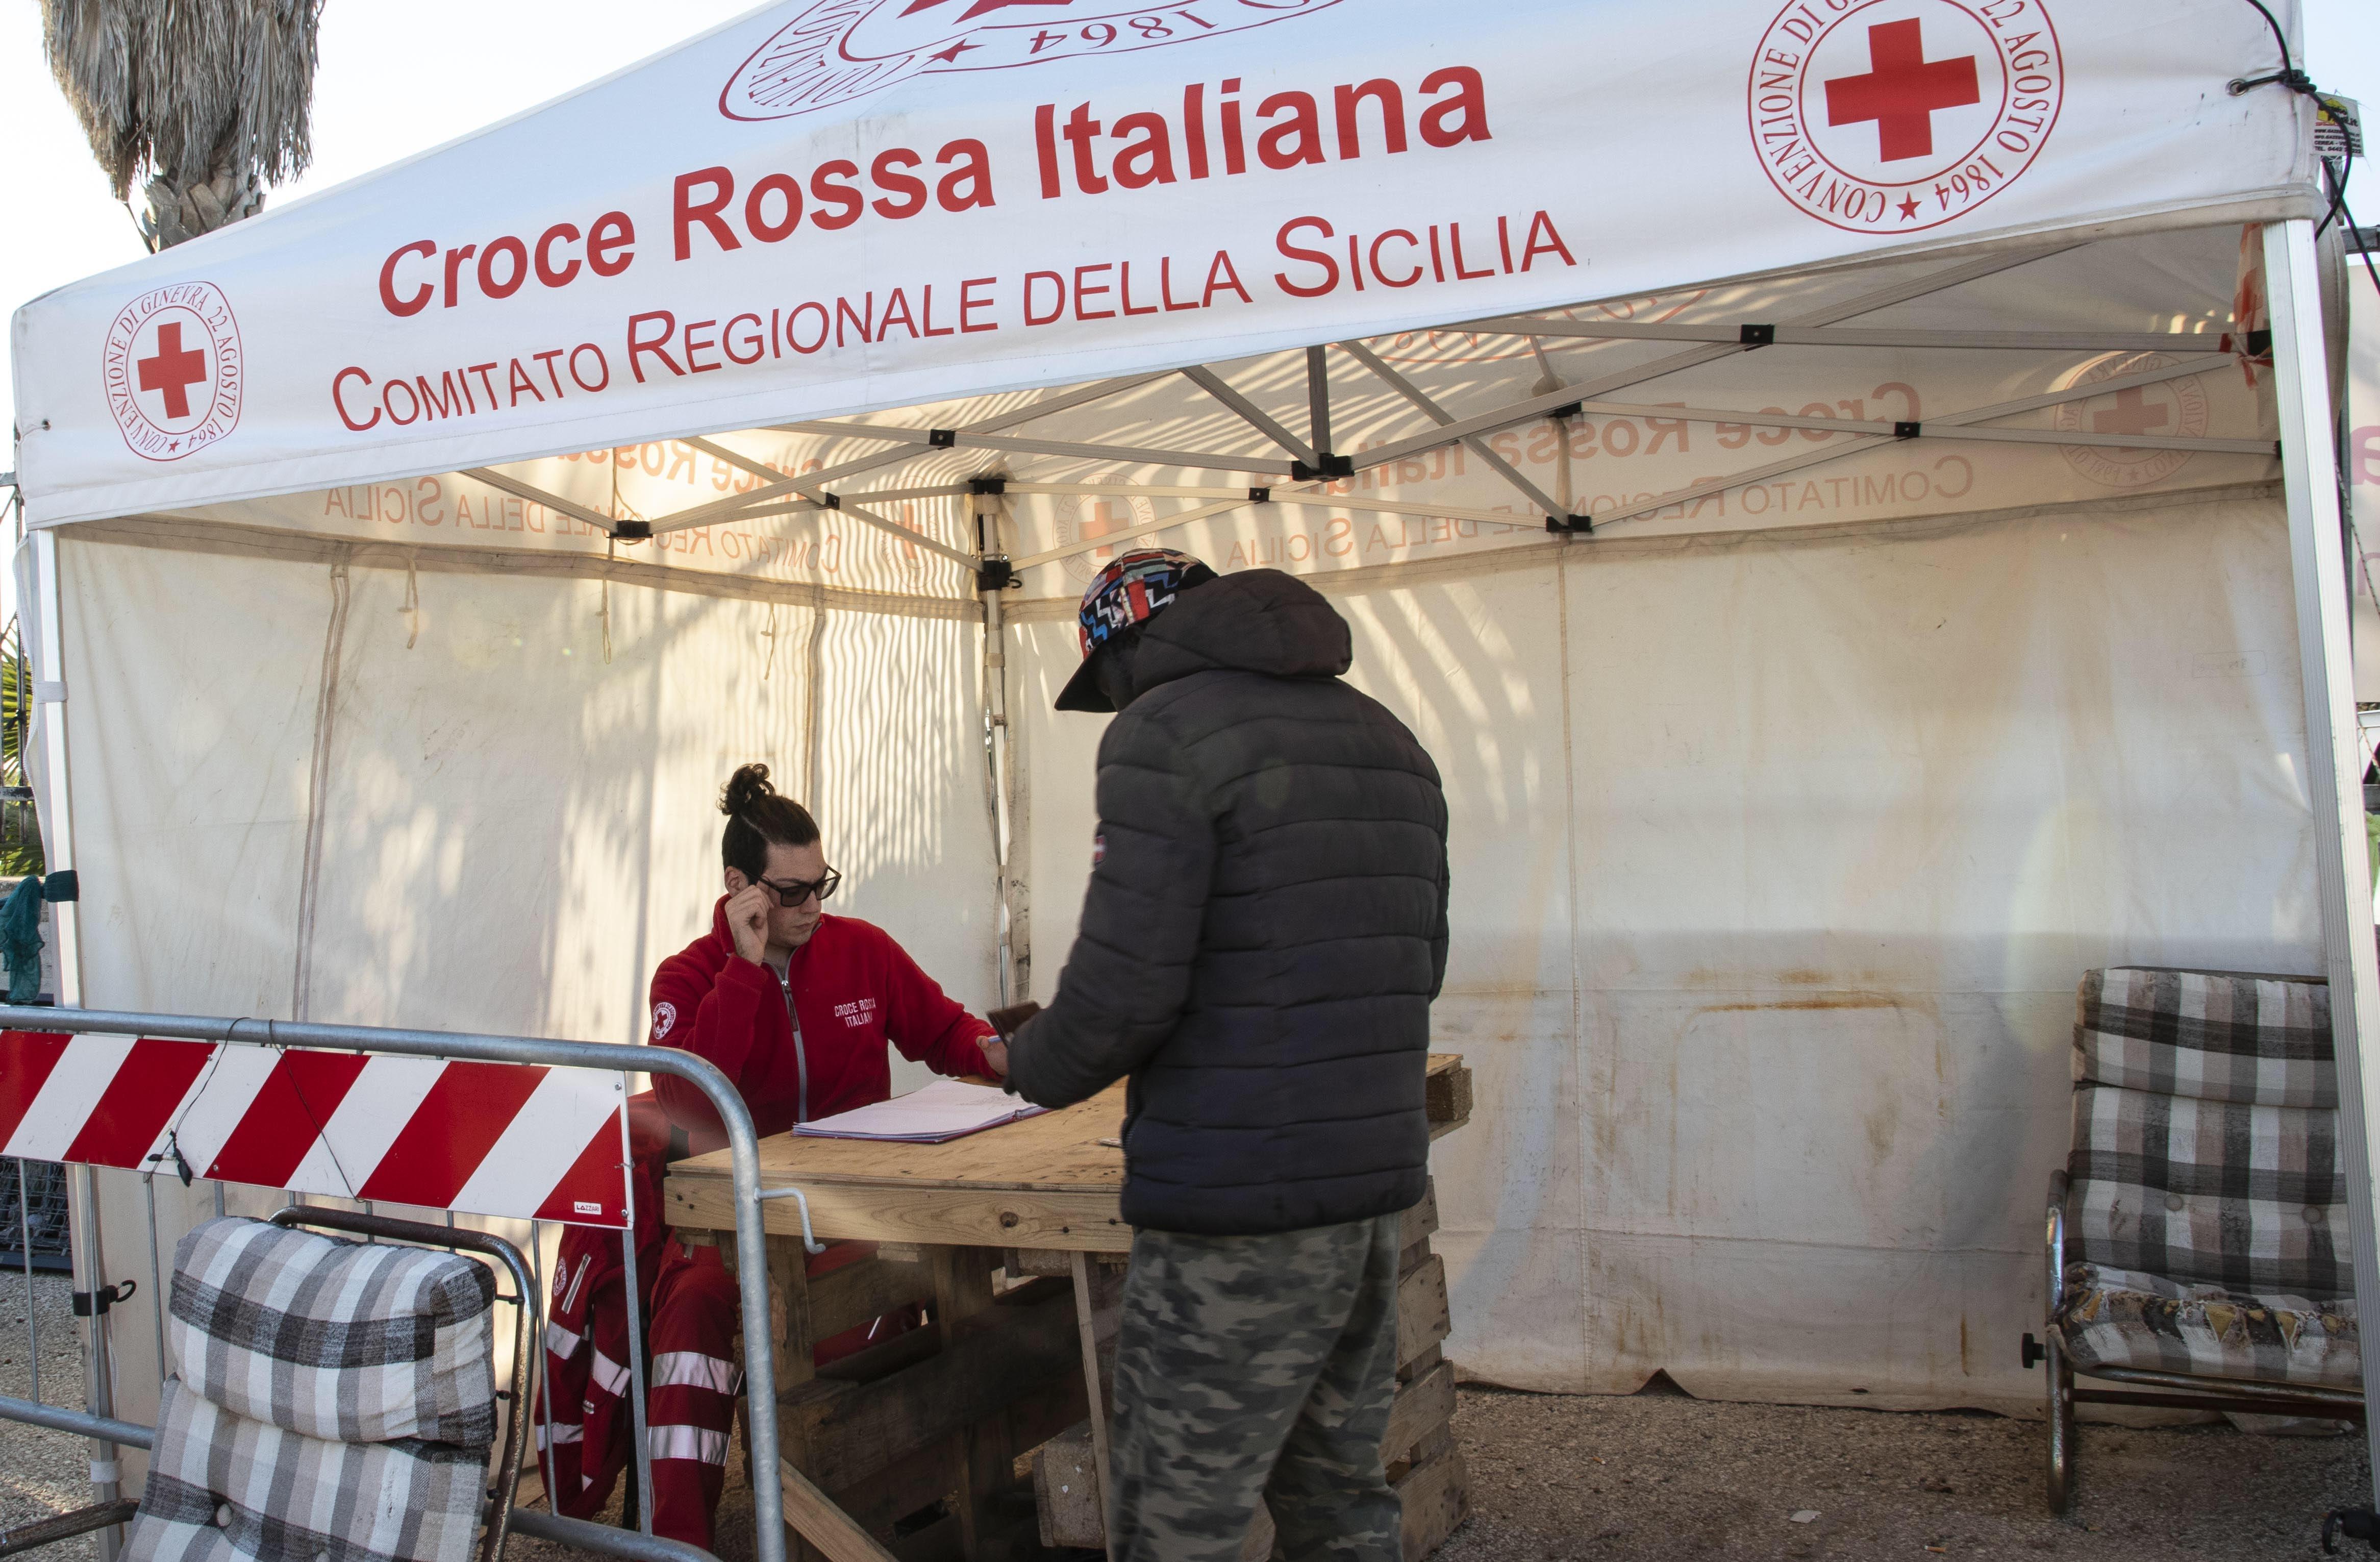 Nel campo CRI di Campobello di Mazara, in Sicilia, dove i diritti dei lavoratori stagionali sono tutelati